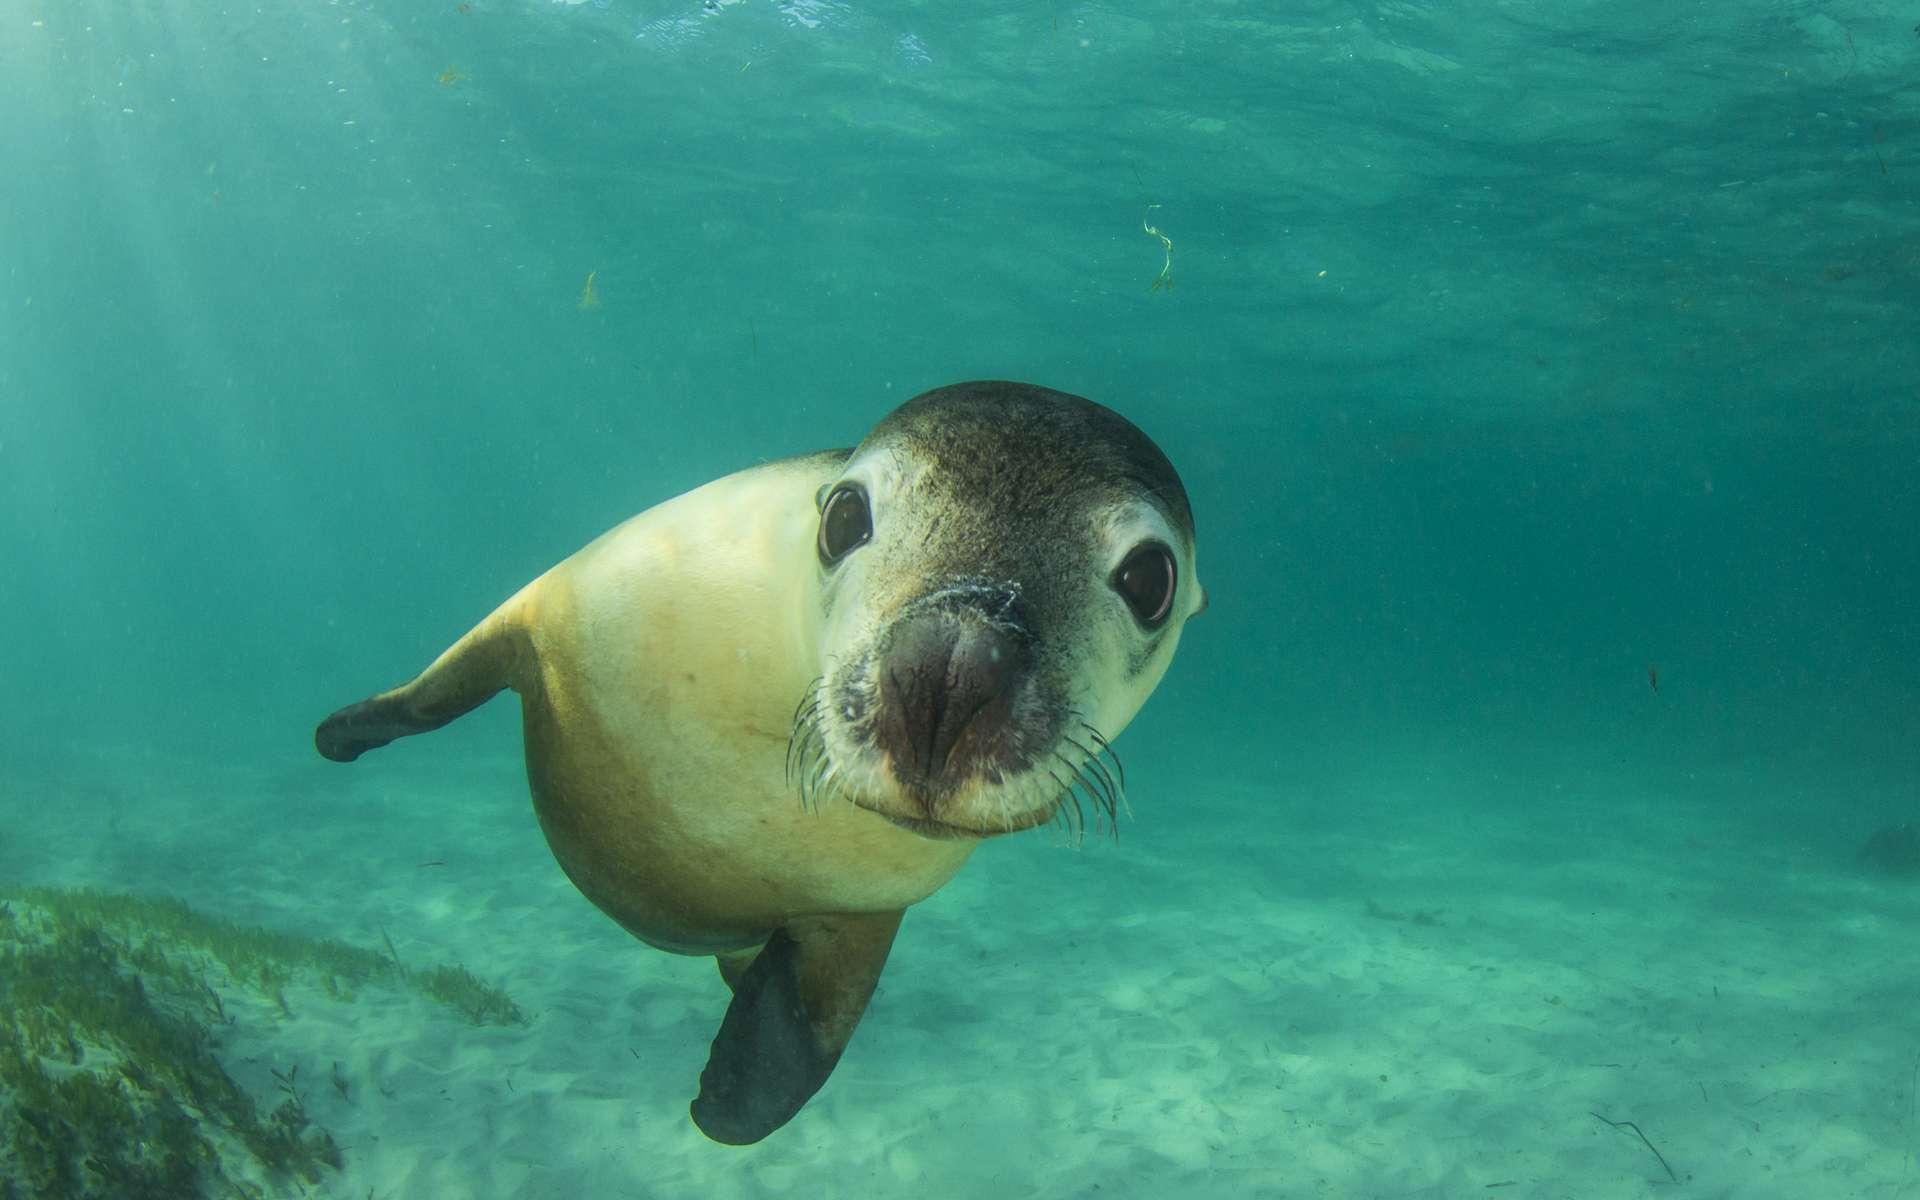 On pourrait restaurer la vie marine d'ici 2050